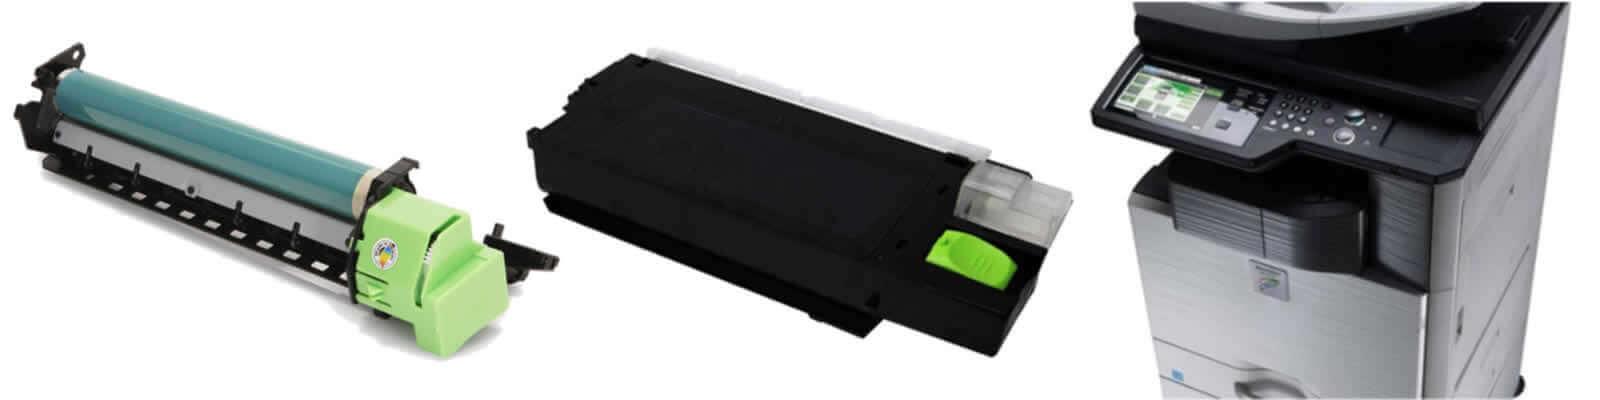 Assistência técnica para impressoras Sharp